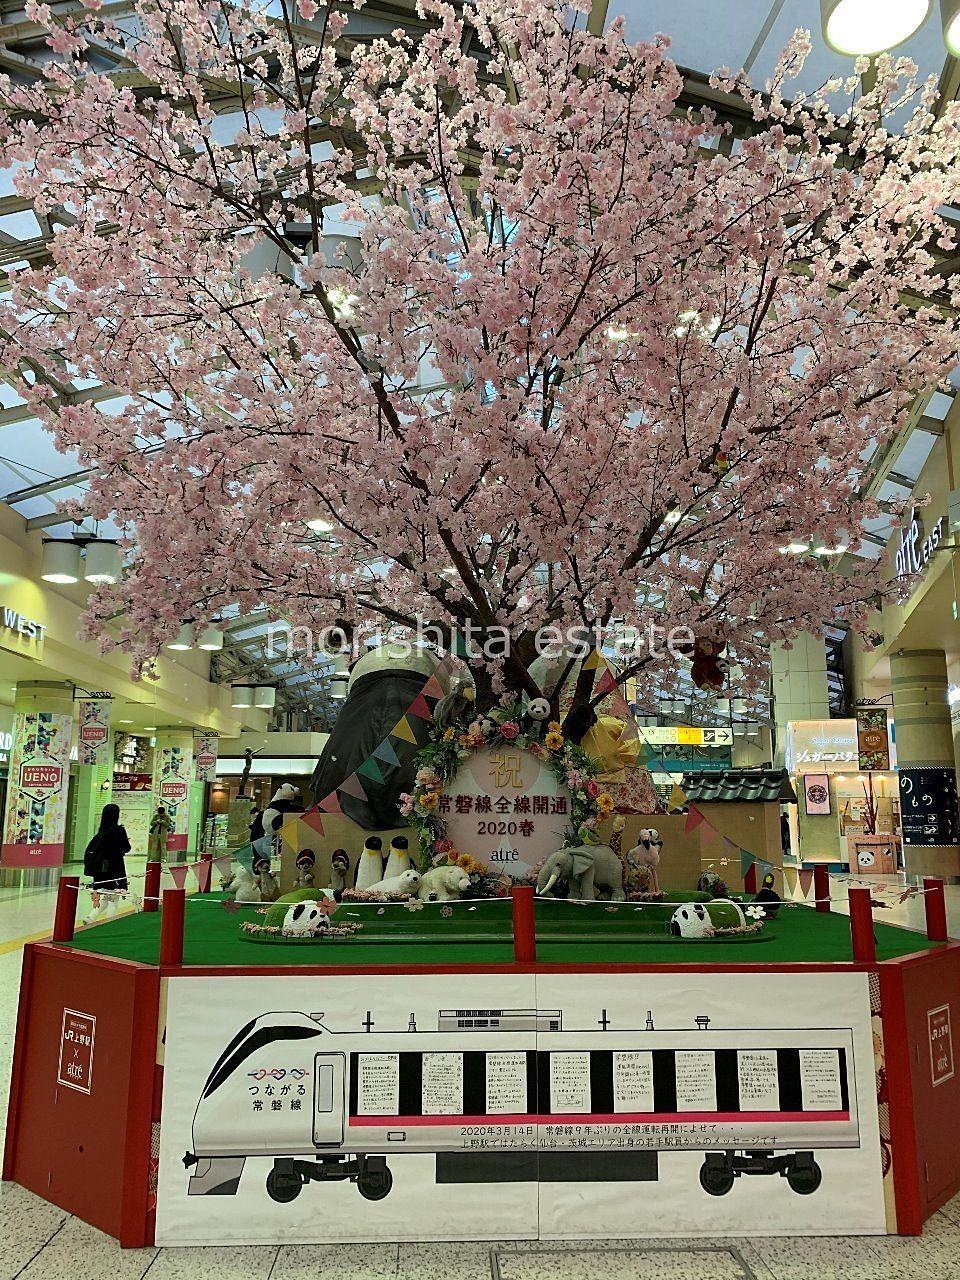 JR上野駅 桜 常磐線全線開通 2020春 写真